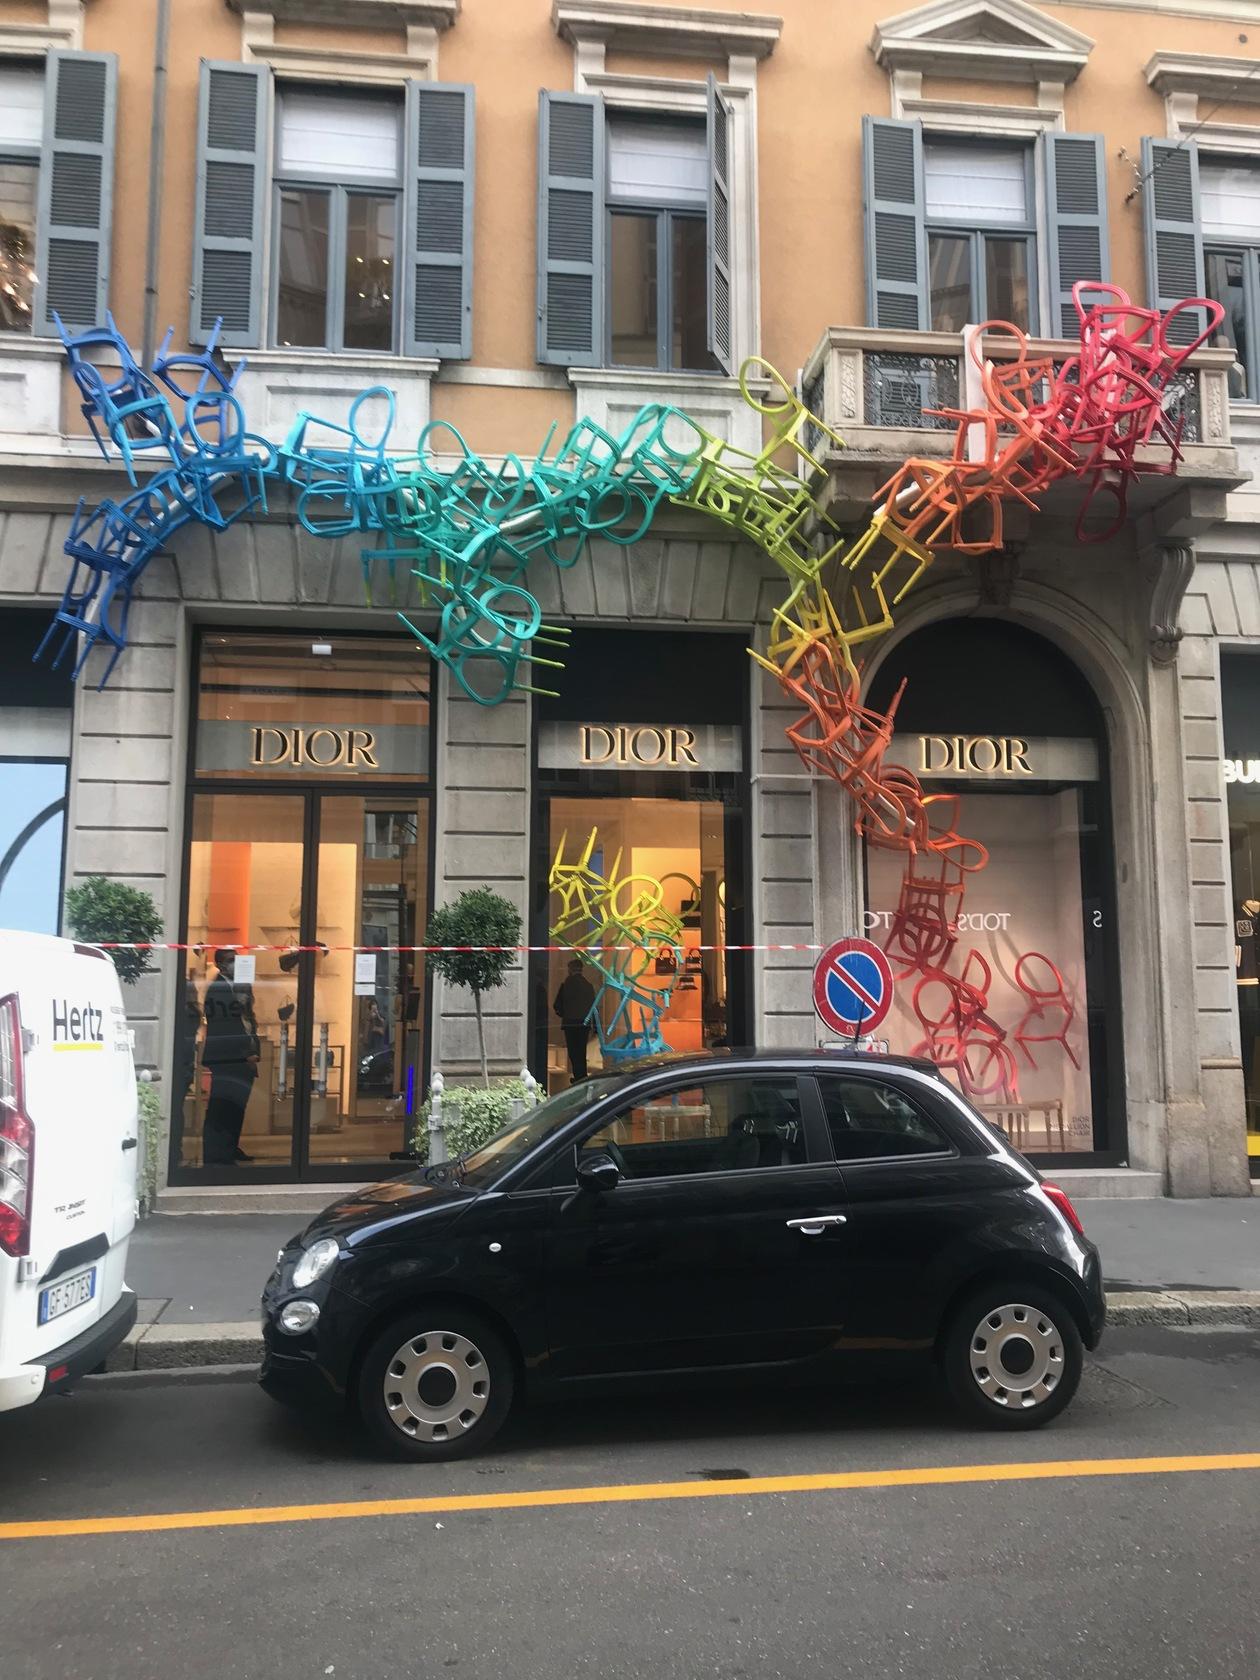 モンテナポレオーネ通り | ミラノ在住Milano_freeさんのおすすめショッピング・買物スポット